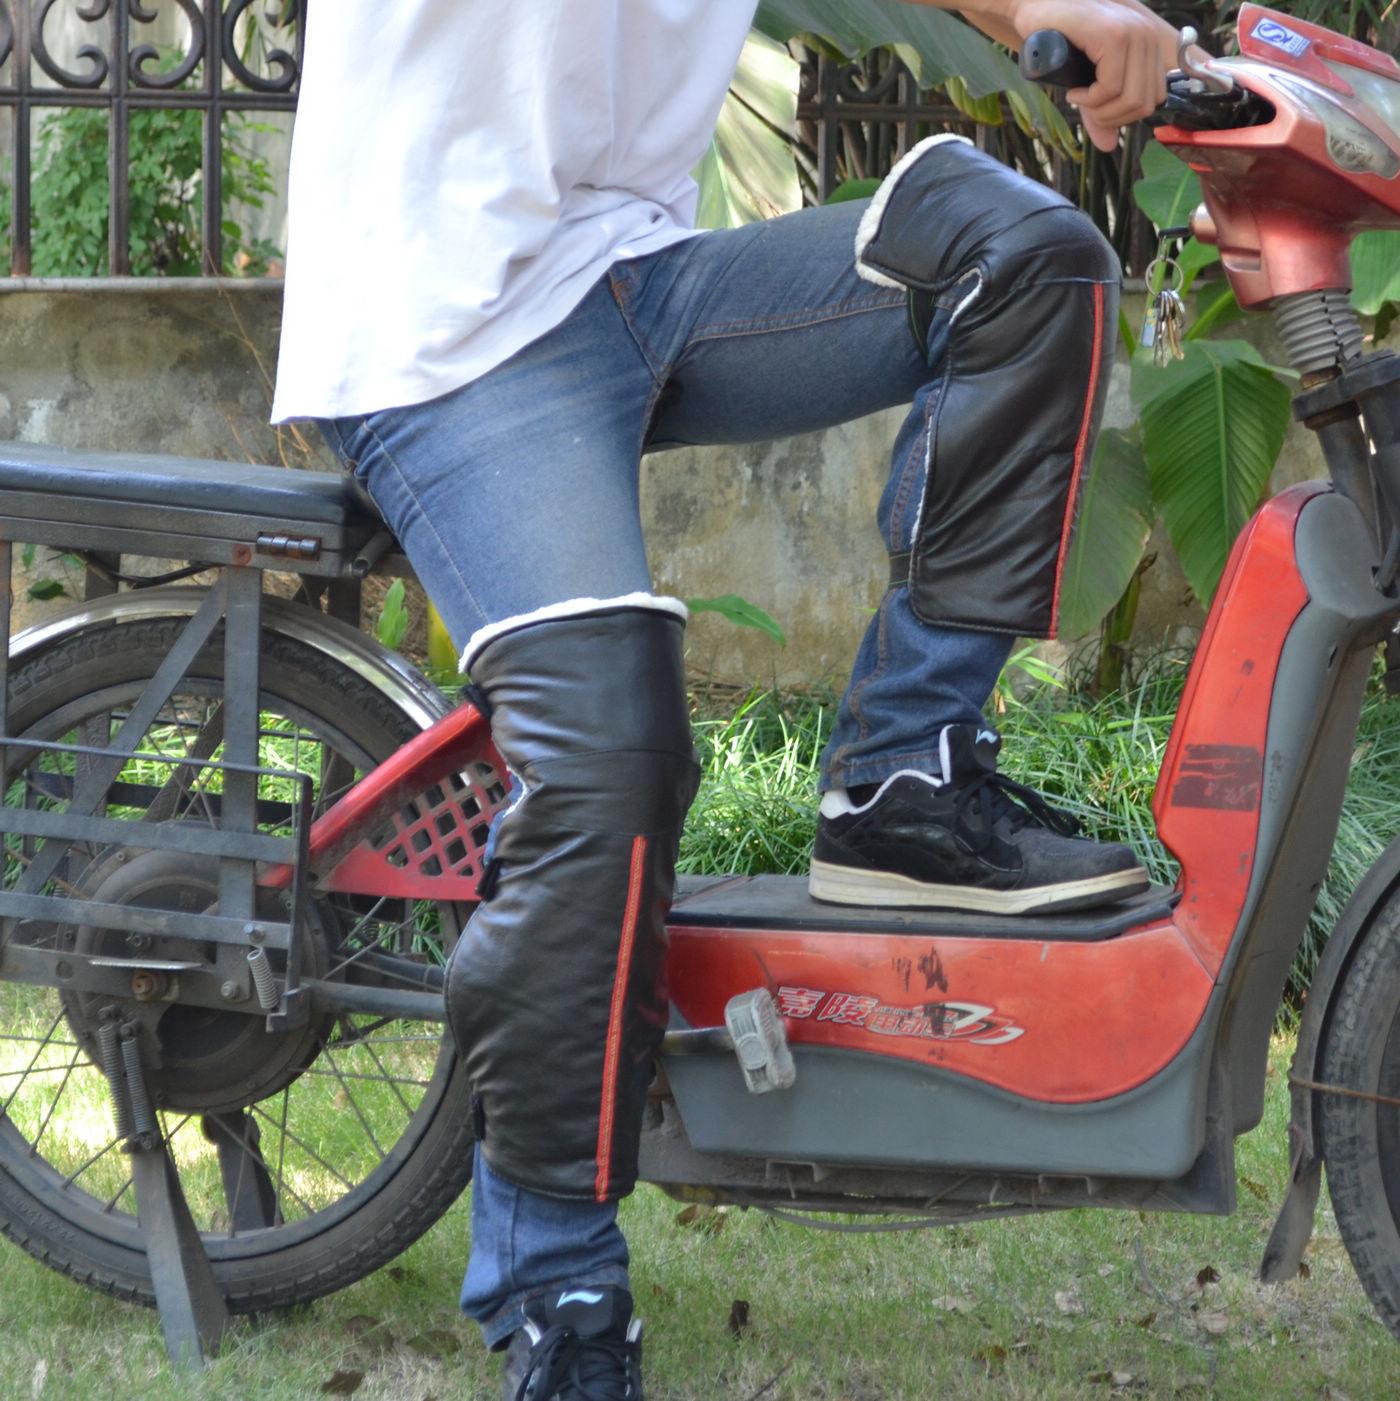 Защита для мотоциклиста Cxg